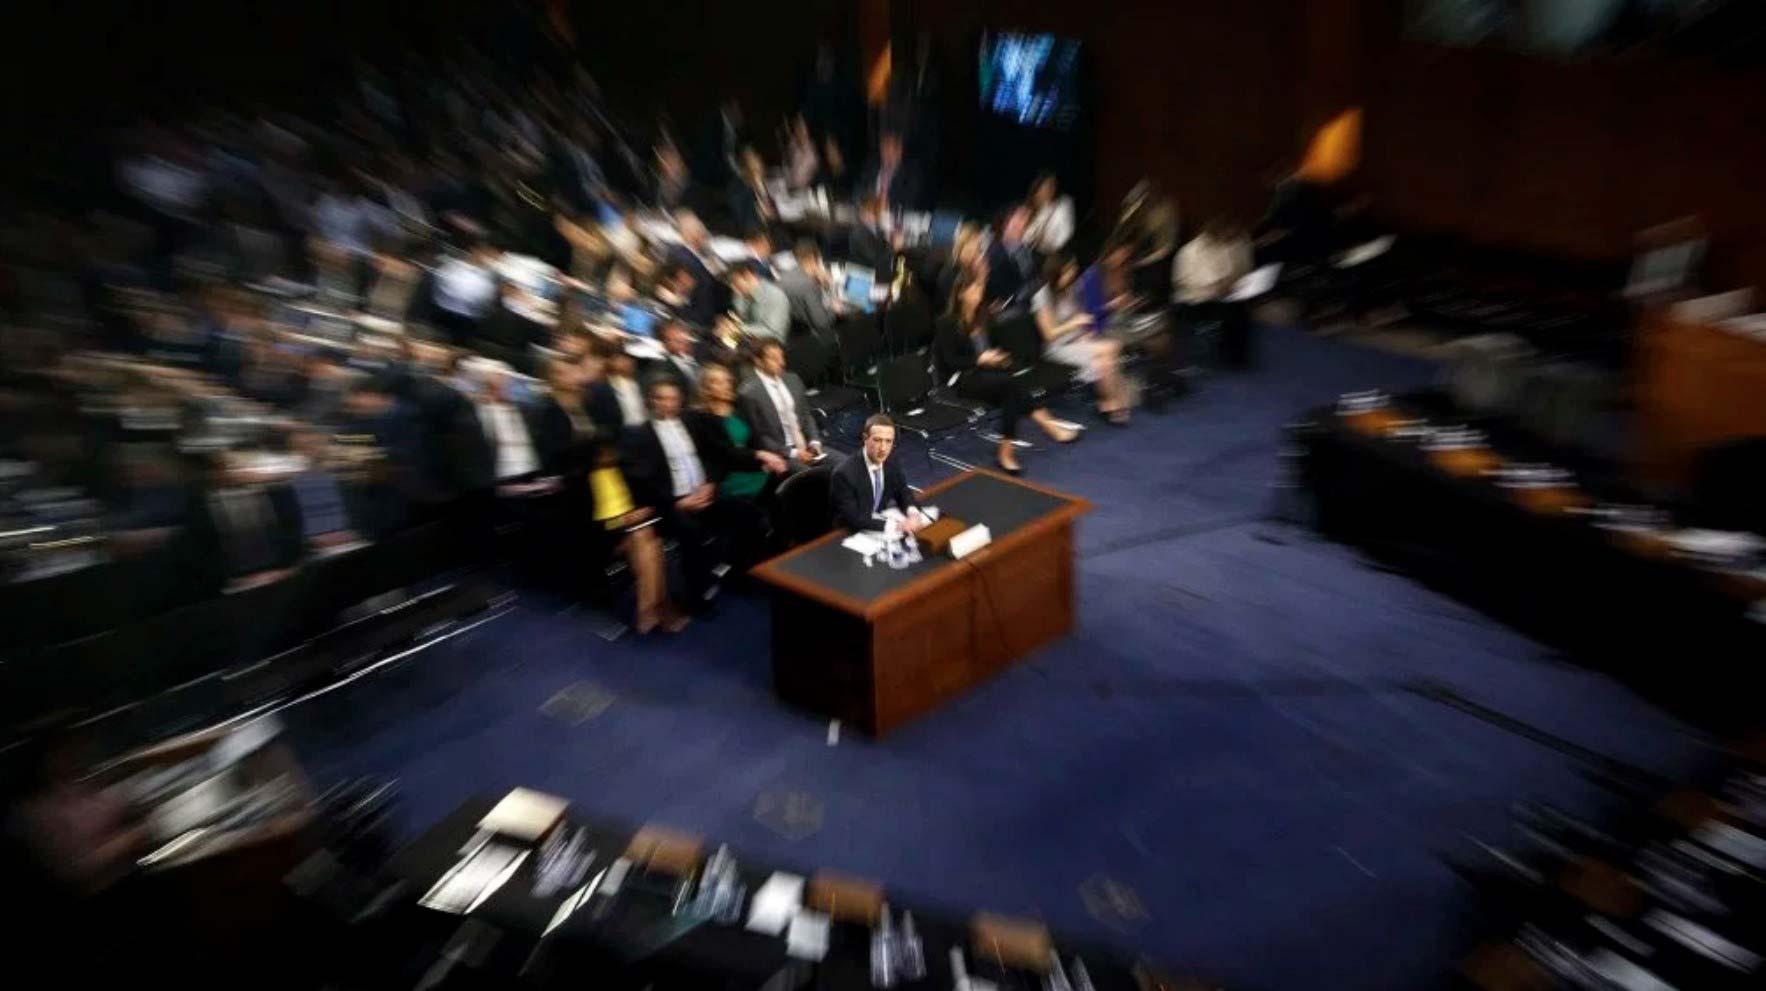 Time Magazine - Zuckerberg Hearing